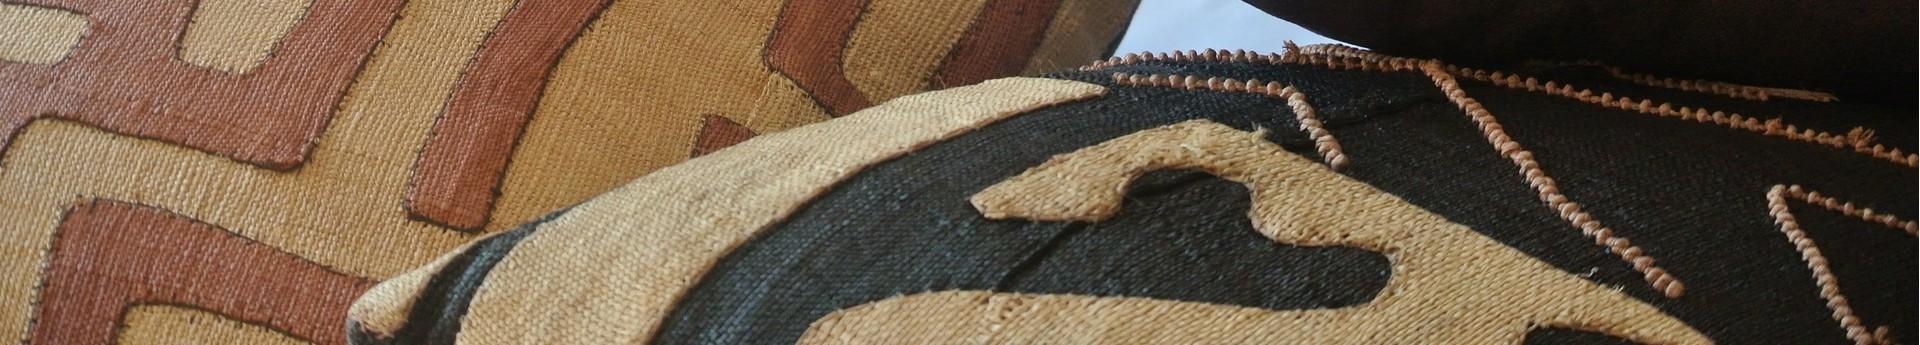 Plaids et coussins africains, indiens, mexicains ..... Tissus colorés et Uniques